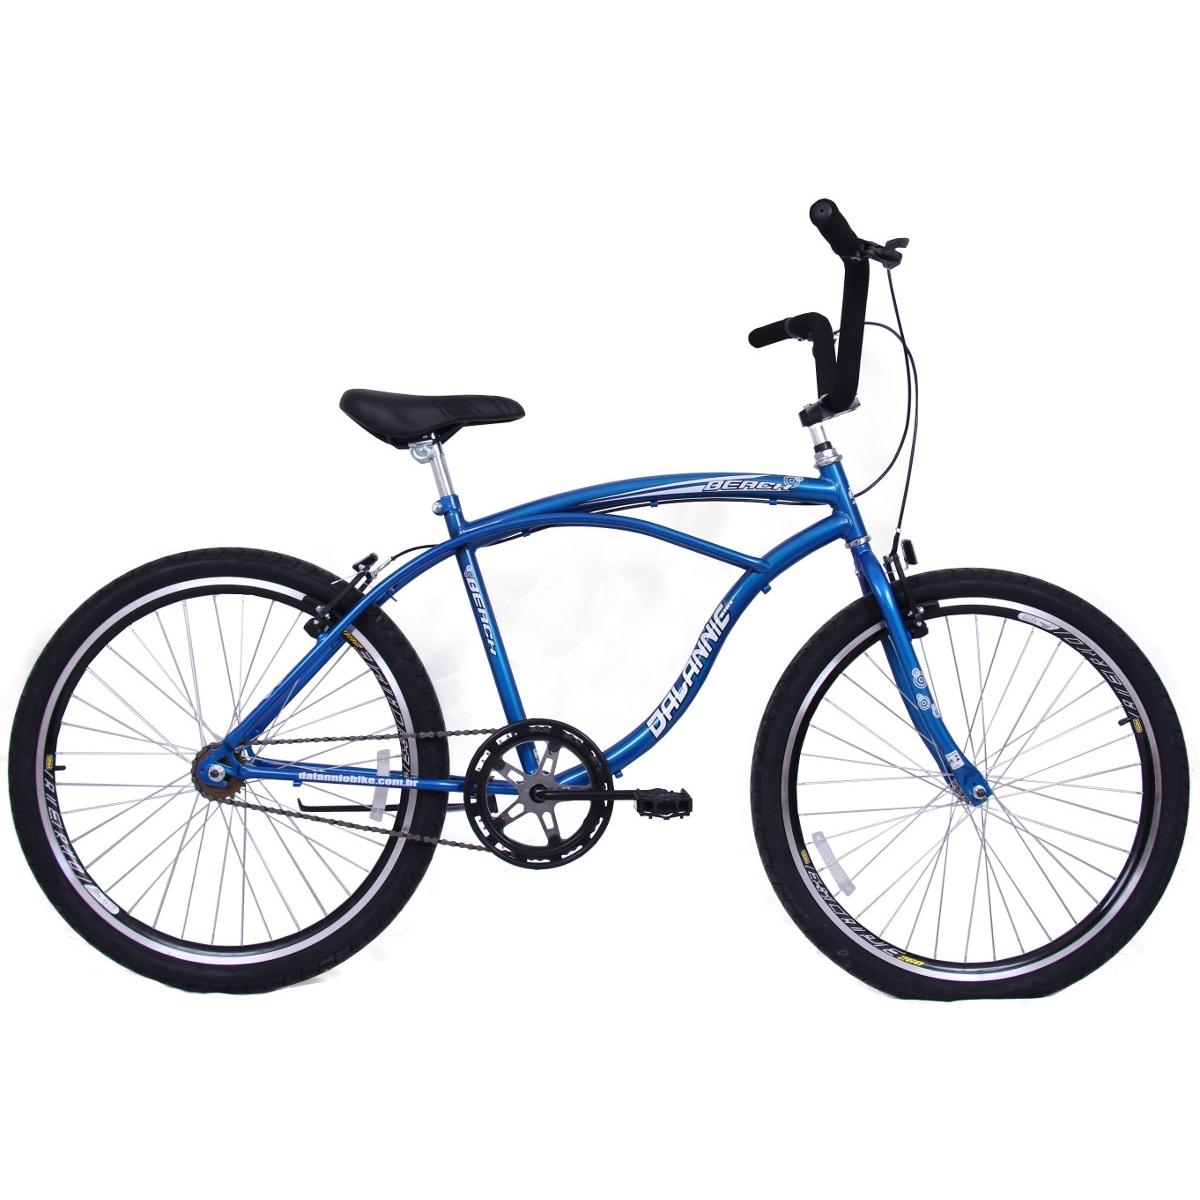 Bicicleta Masculina Aro 26 Beach Azul